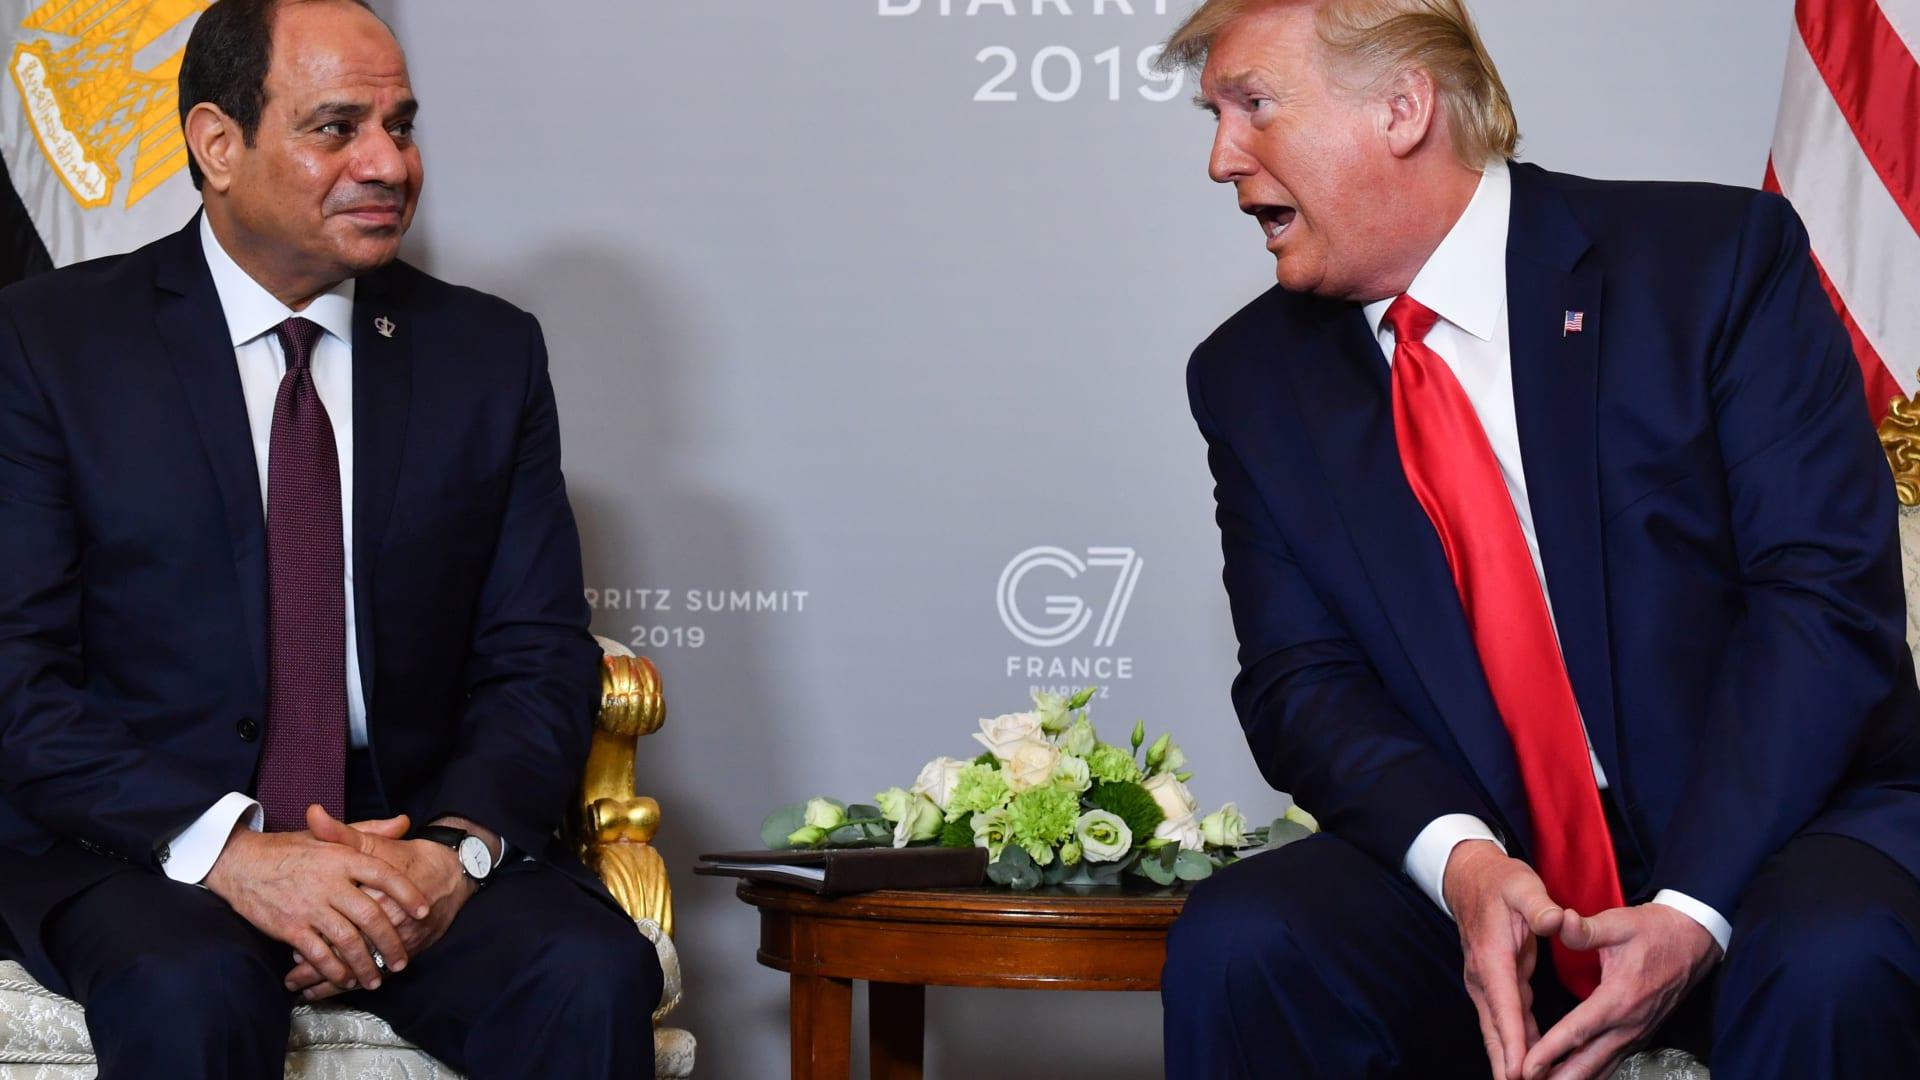 ترامب: مصر تقدمت تحت قيادة عظيمة.. والسيسي: تقدير متبادل